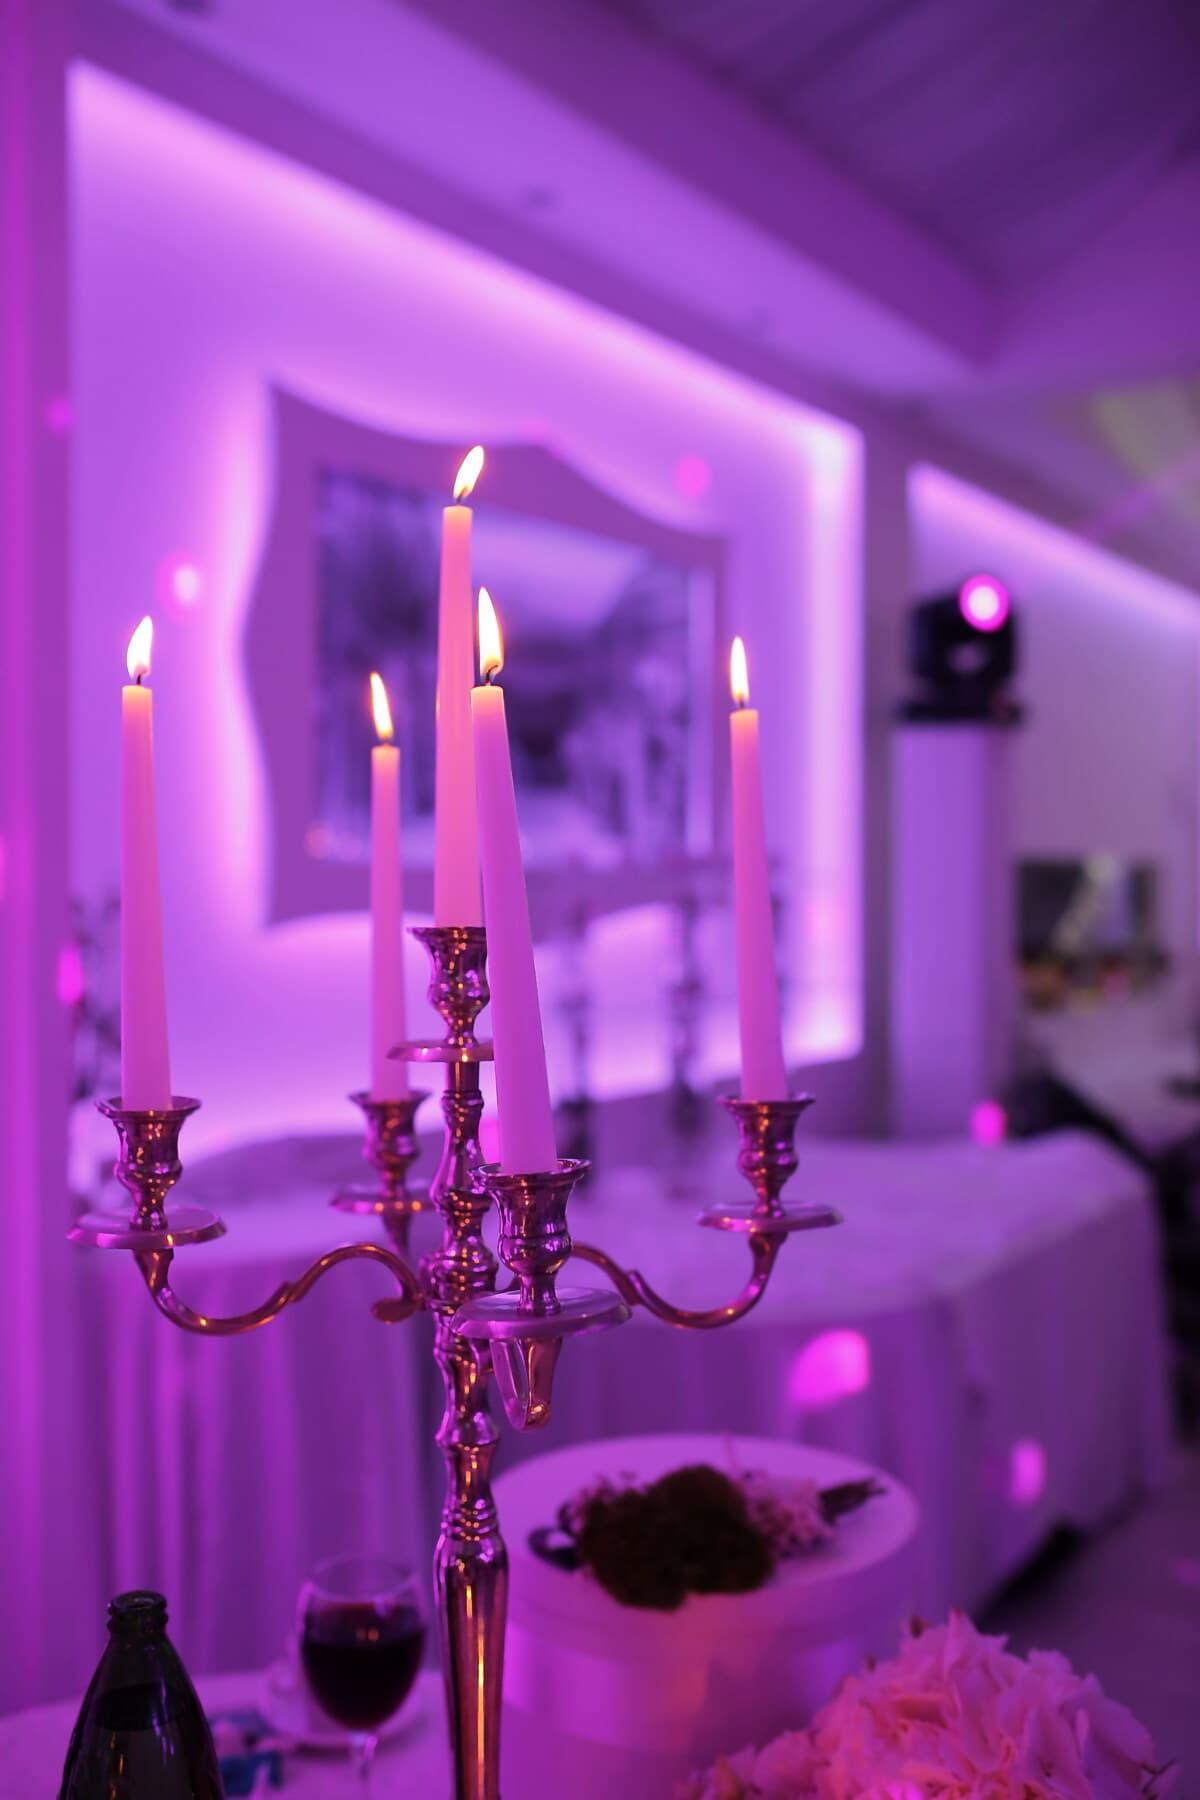 Leuchter, Kerzen, Inhaber, Kerze, Interieur-design, drinnen, Candle-Light, Licht, Hotel, Weihnachten